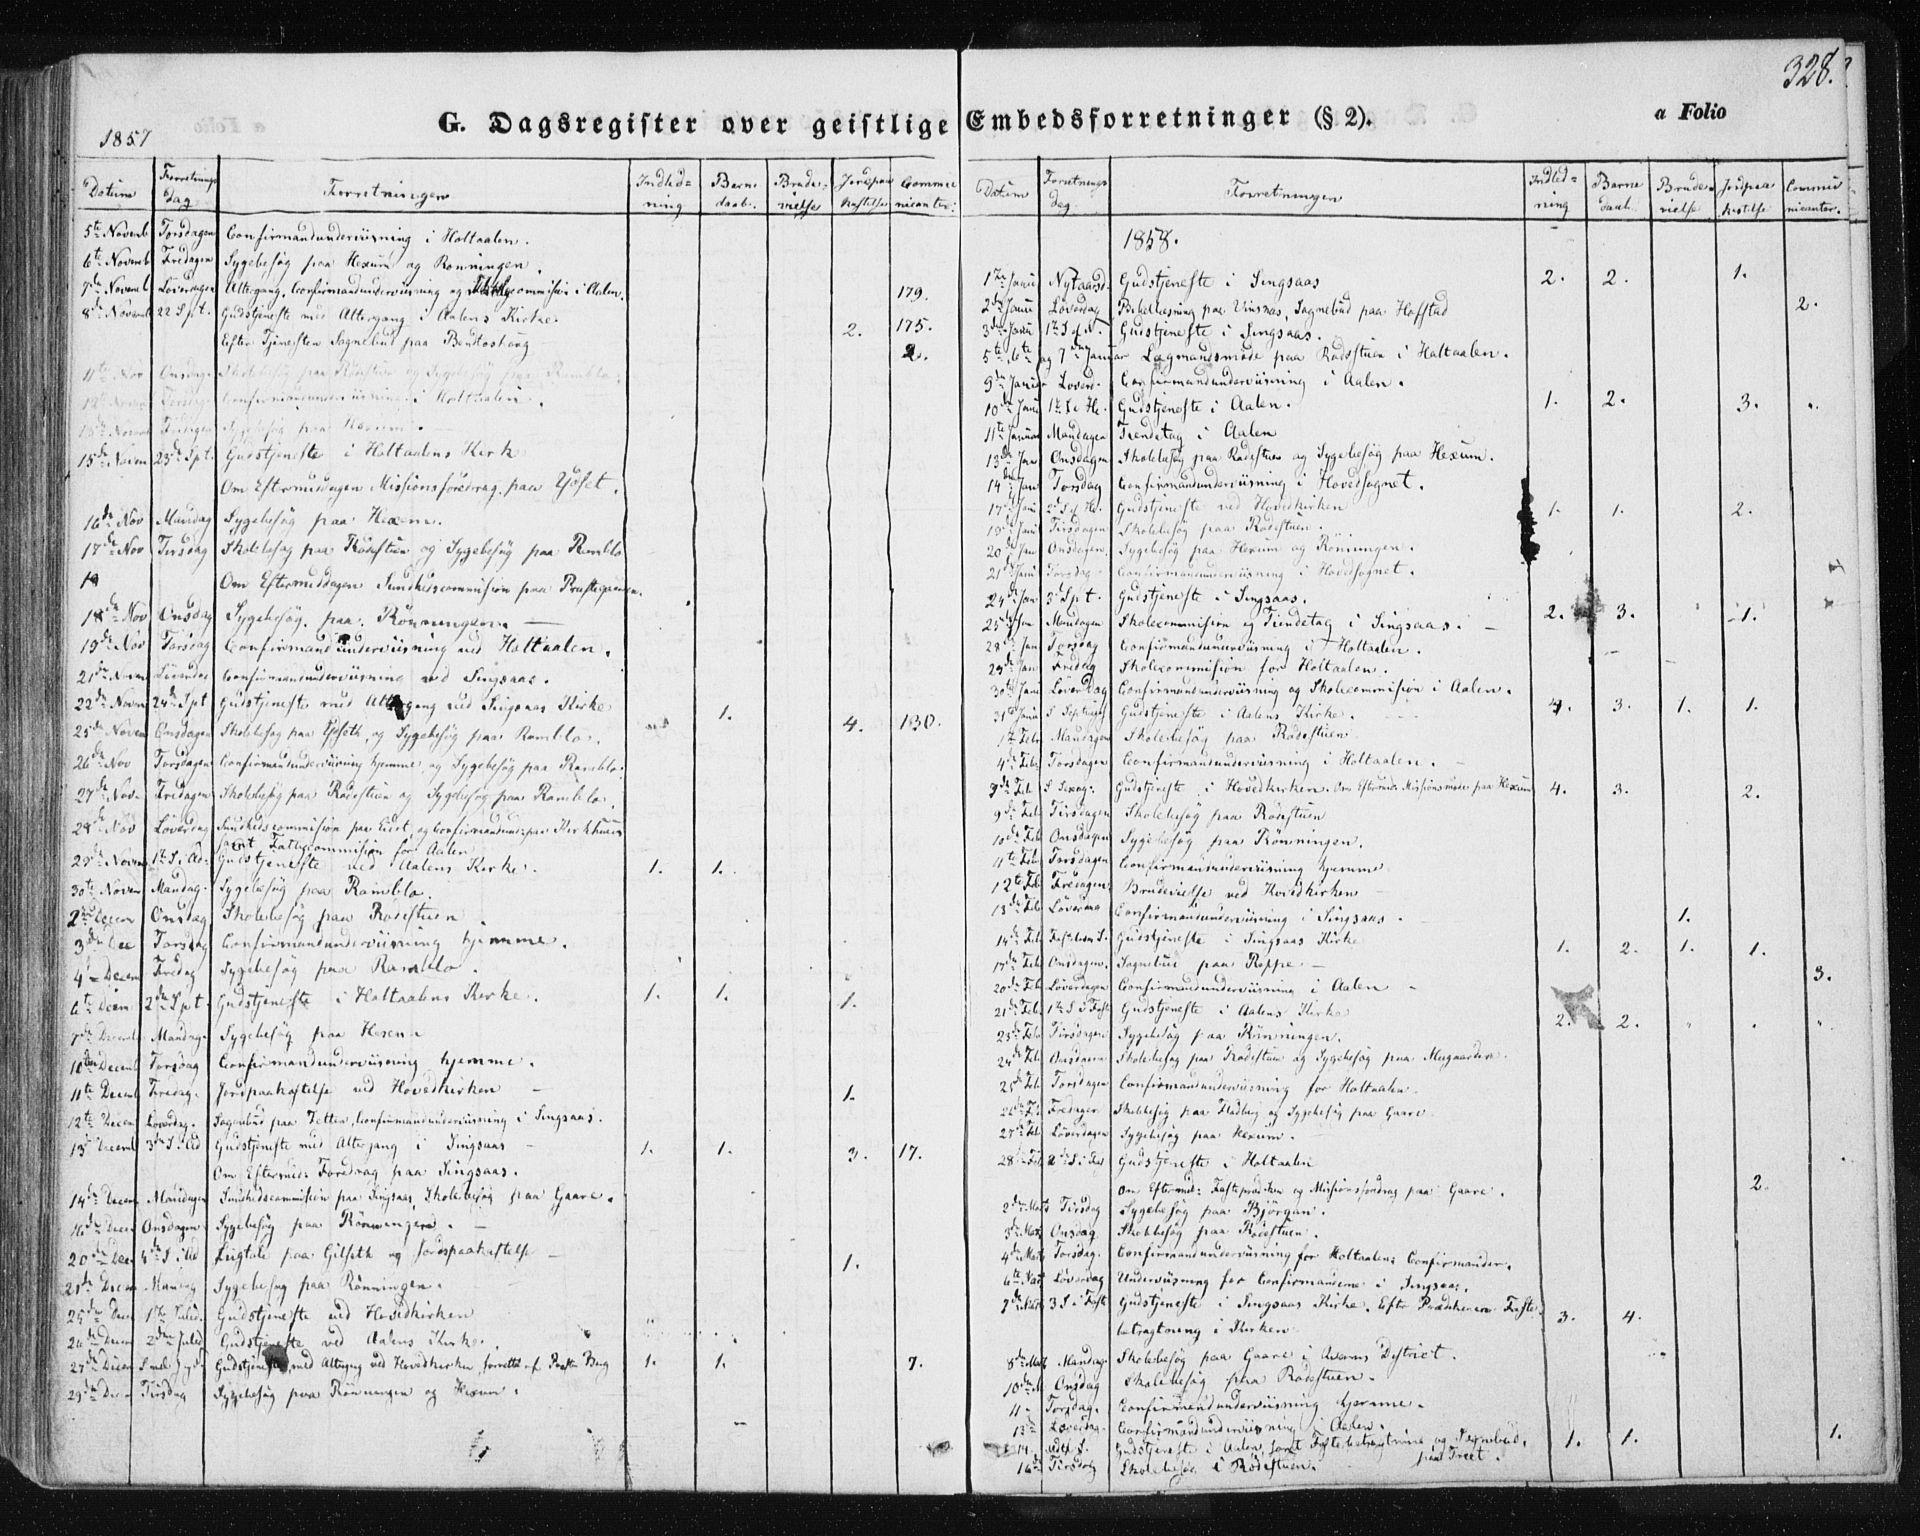 SAT, Ministerialprotokoller, klokkerbøker og fødselsregistre - Sør-Trøndelag, 685/L0963: Ministerialbok nr. 685A06 /1, 1846-1859, s. 328